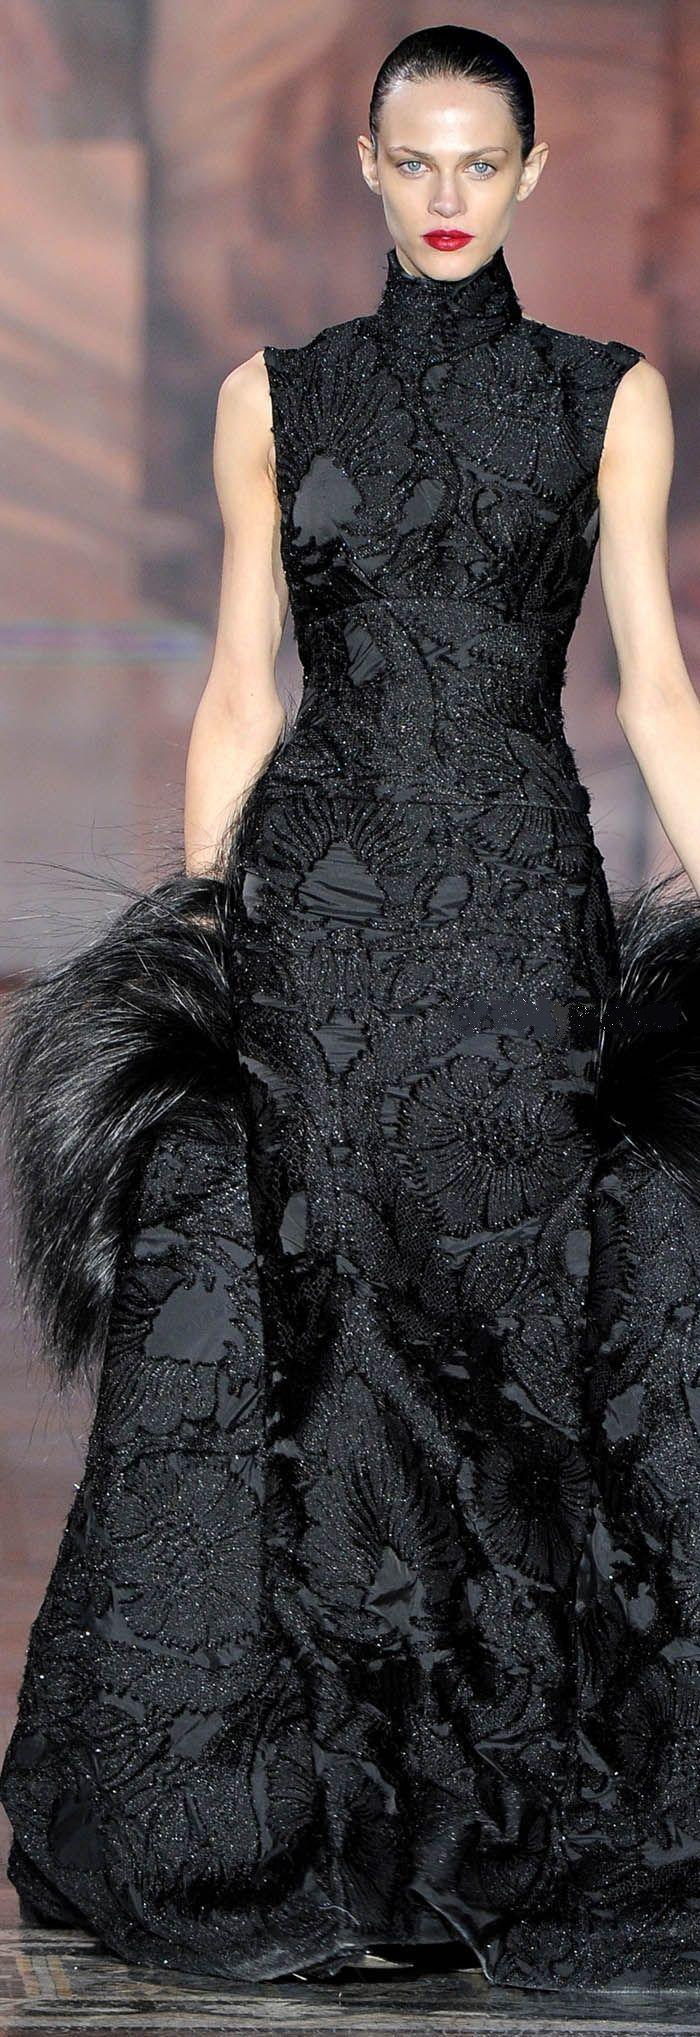 Schwarze Hochzeits- - Kleider ........ Black Beauties #2123846 ...